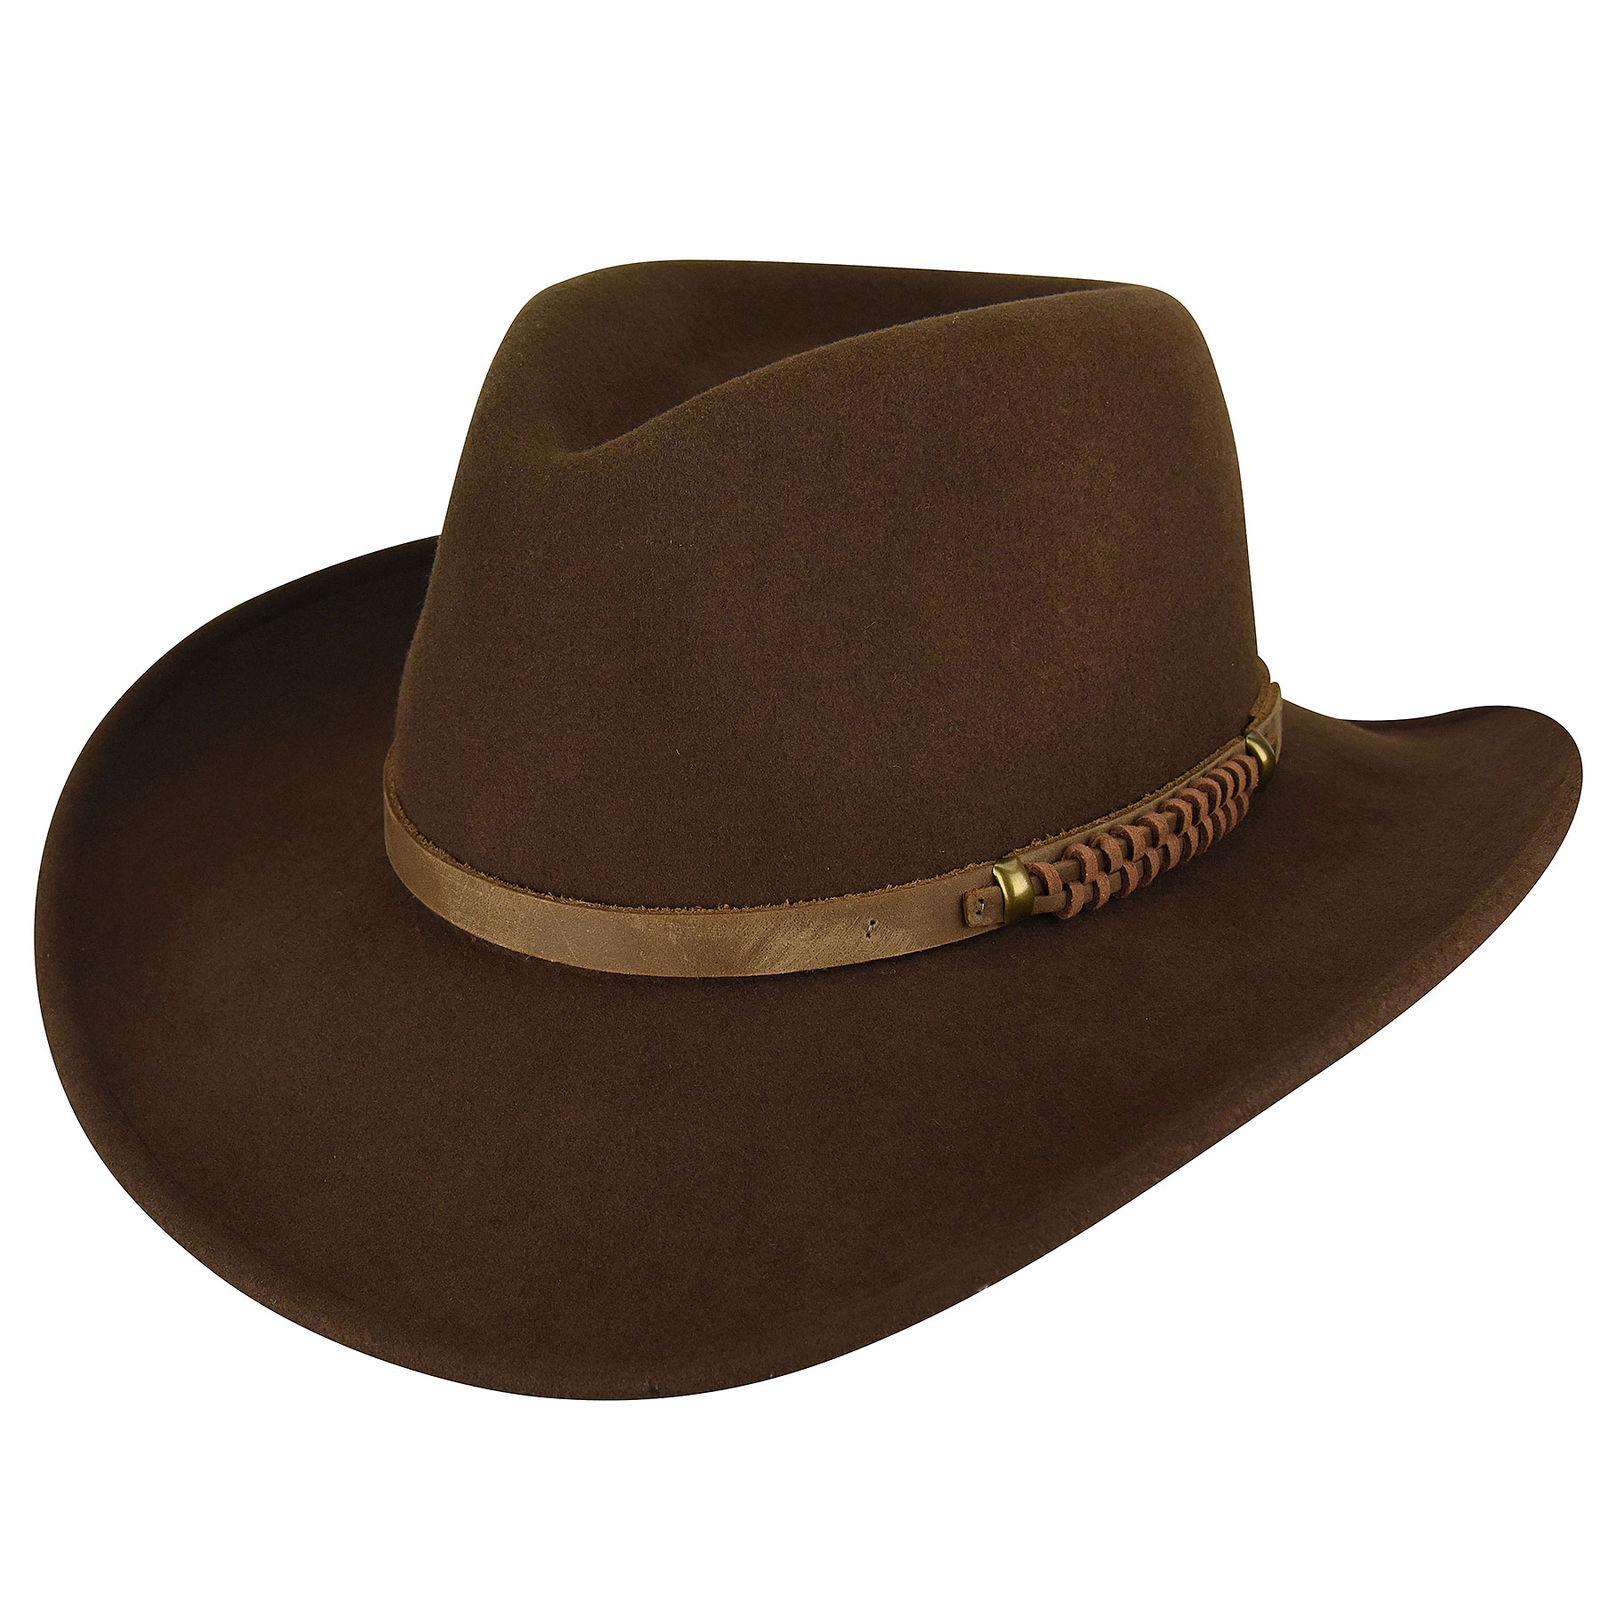 f8b7cea0 BAILEY® WIND RIVER Bullen Litefelt Western Hat - Wandrin WestWandrin West